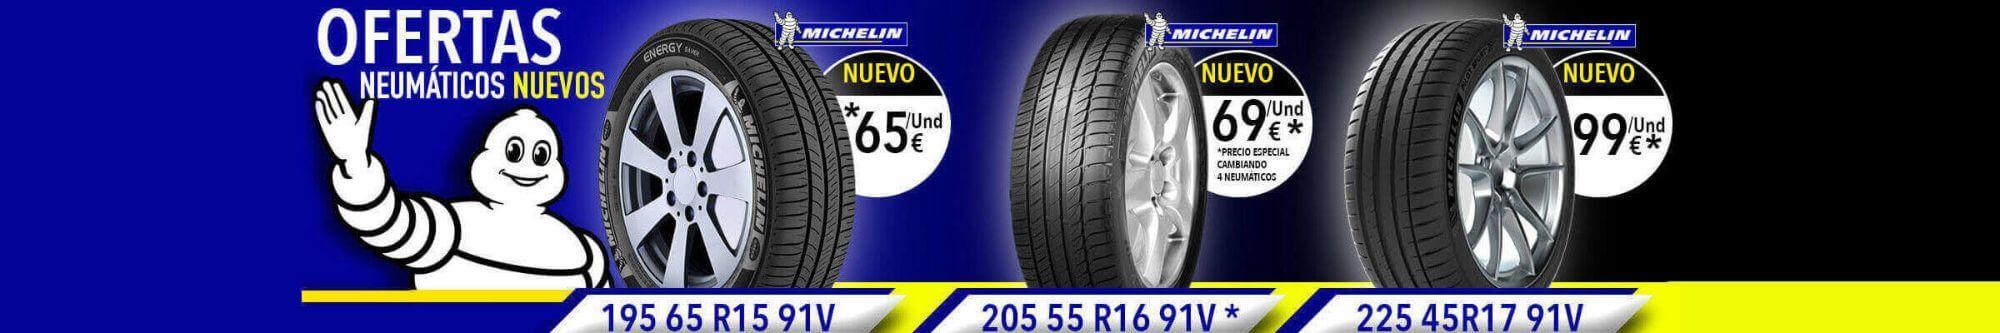 Ofertas-Neumáticos-nuevos